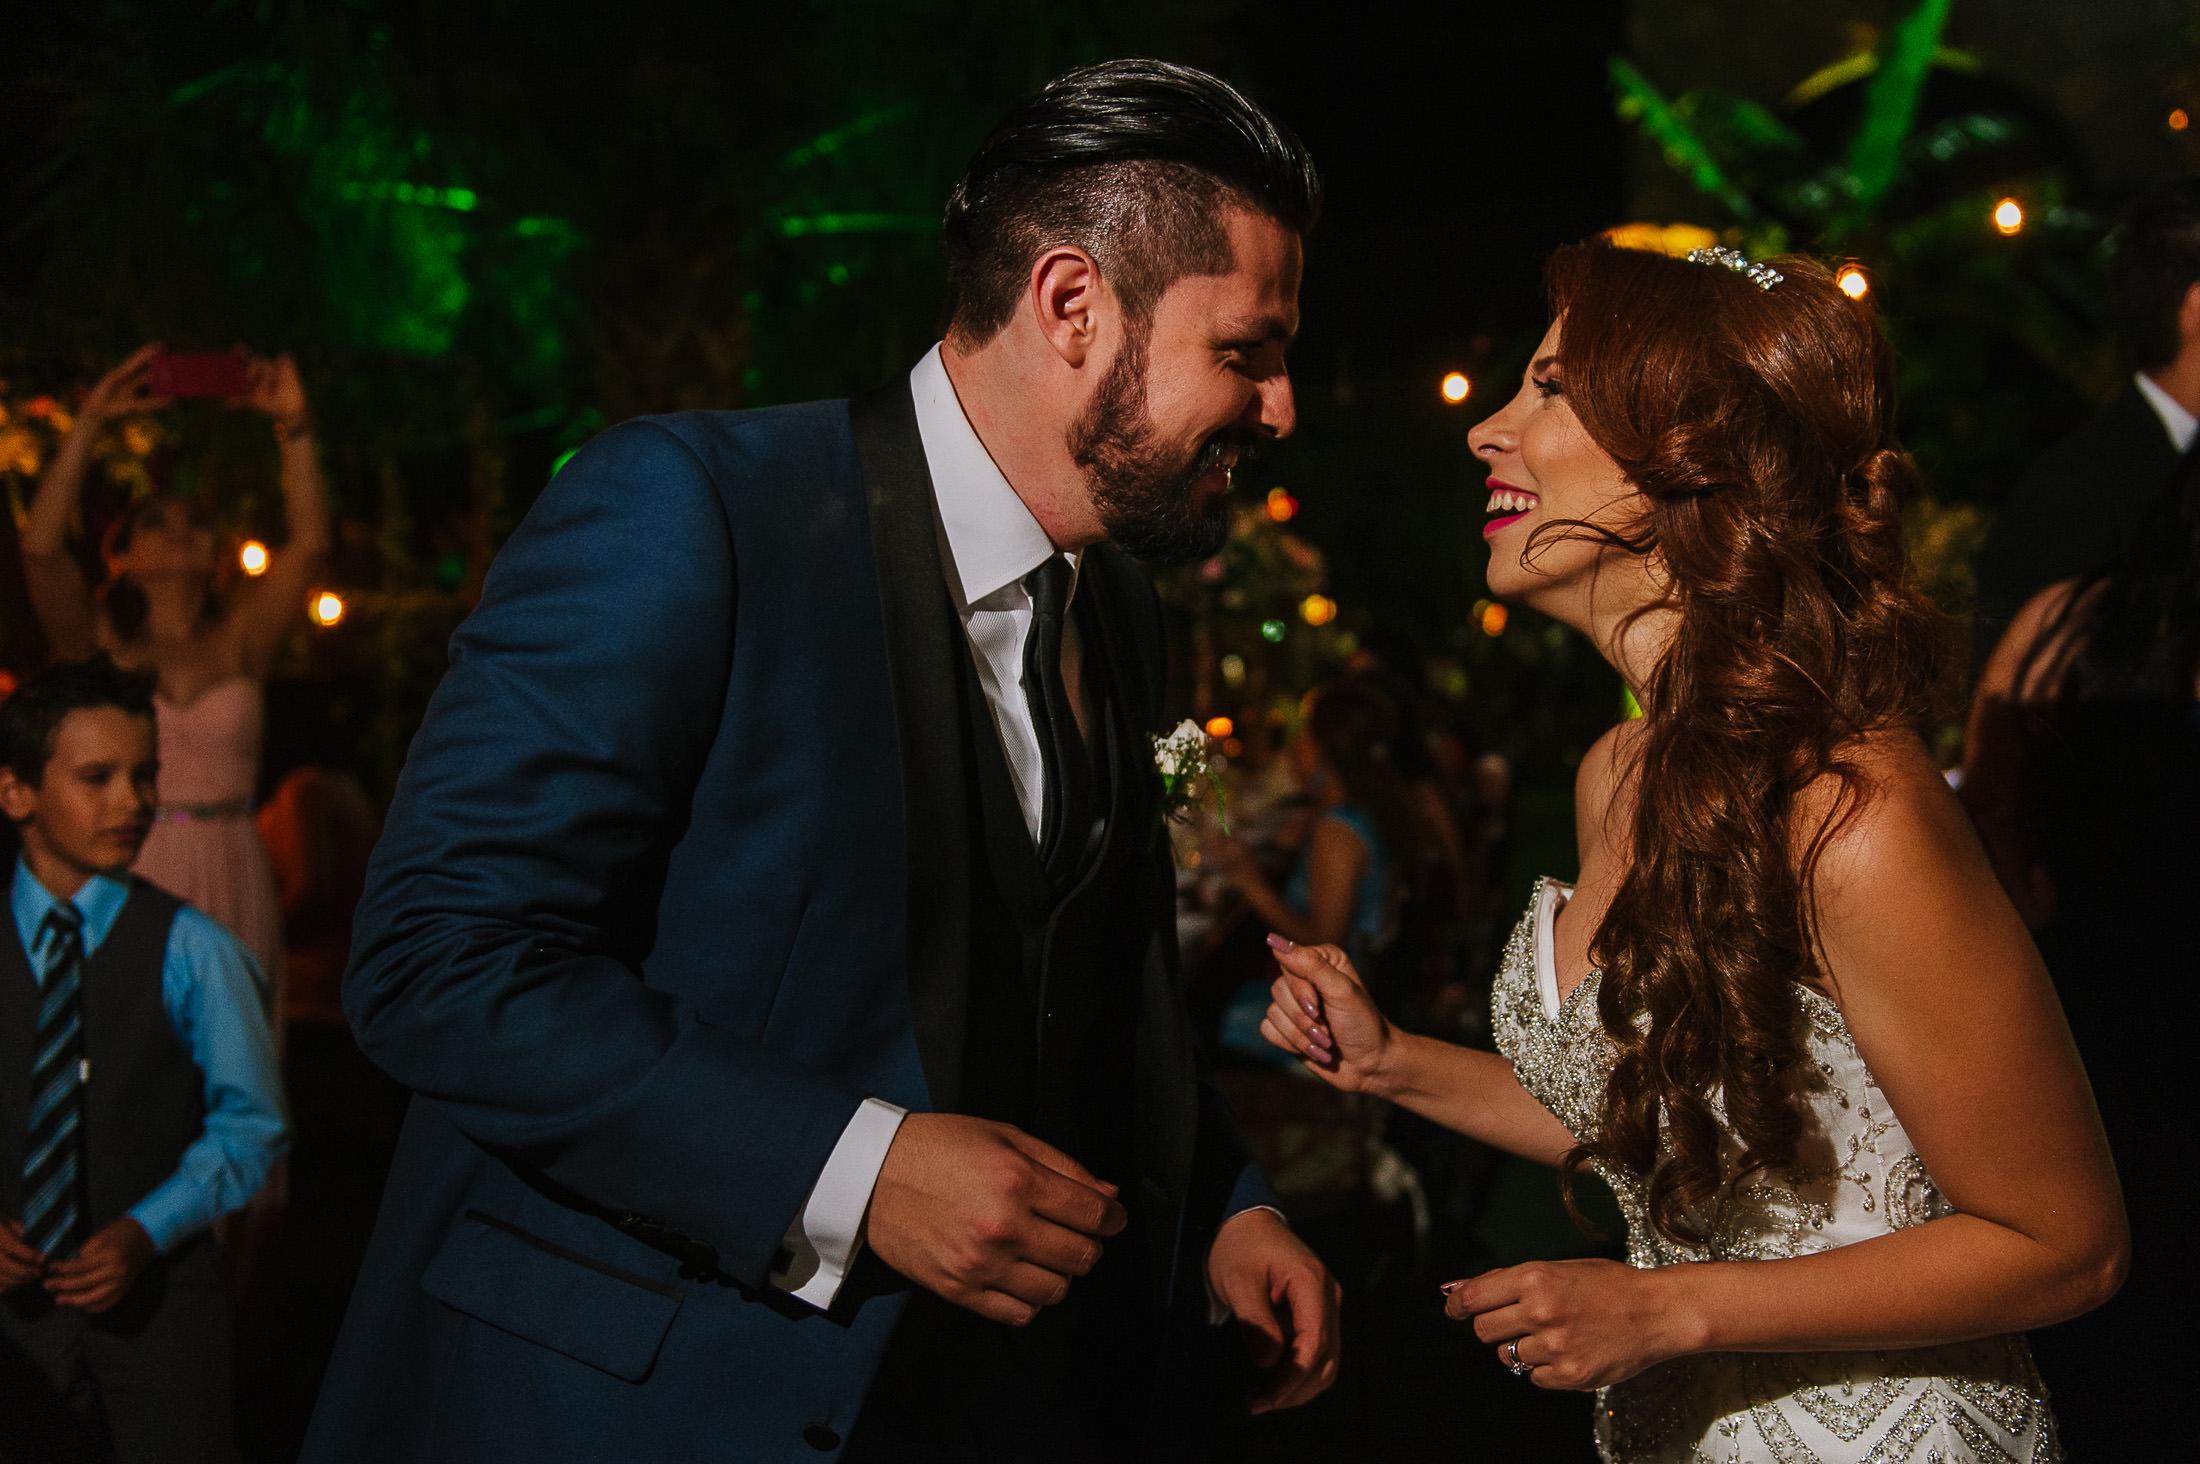 Bride & groom dancing at wedding reception in Antigua Hacienda de Santiago